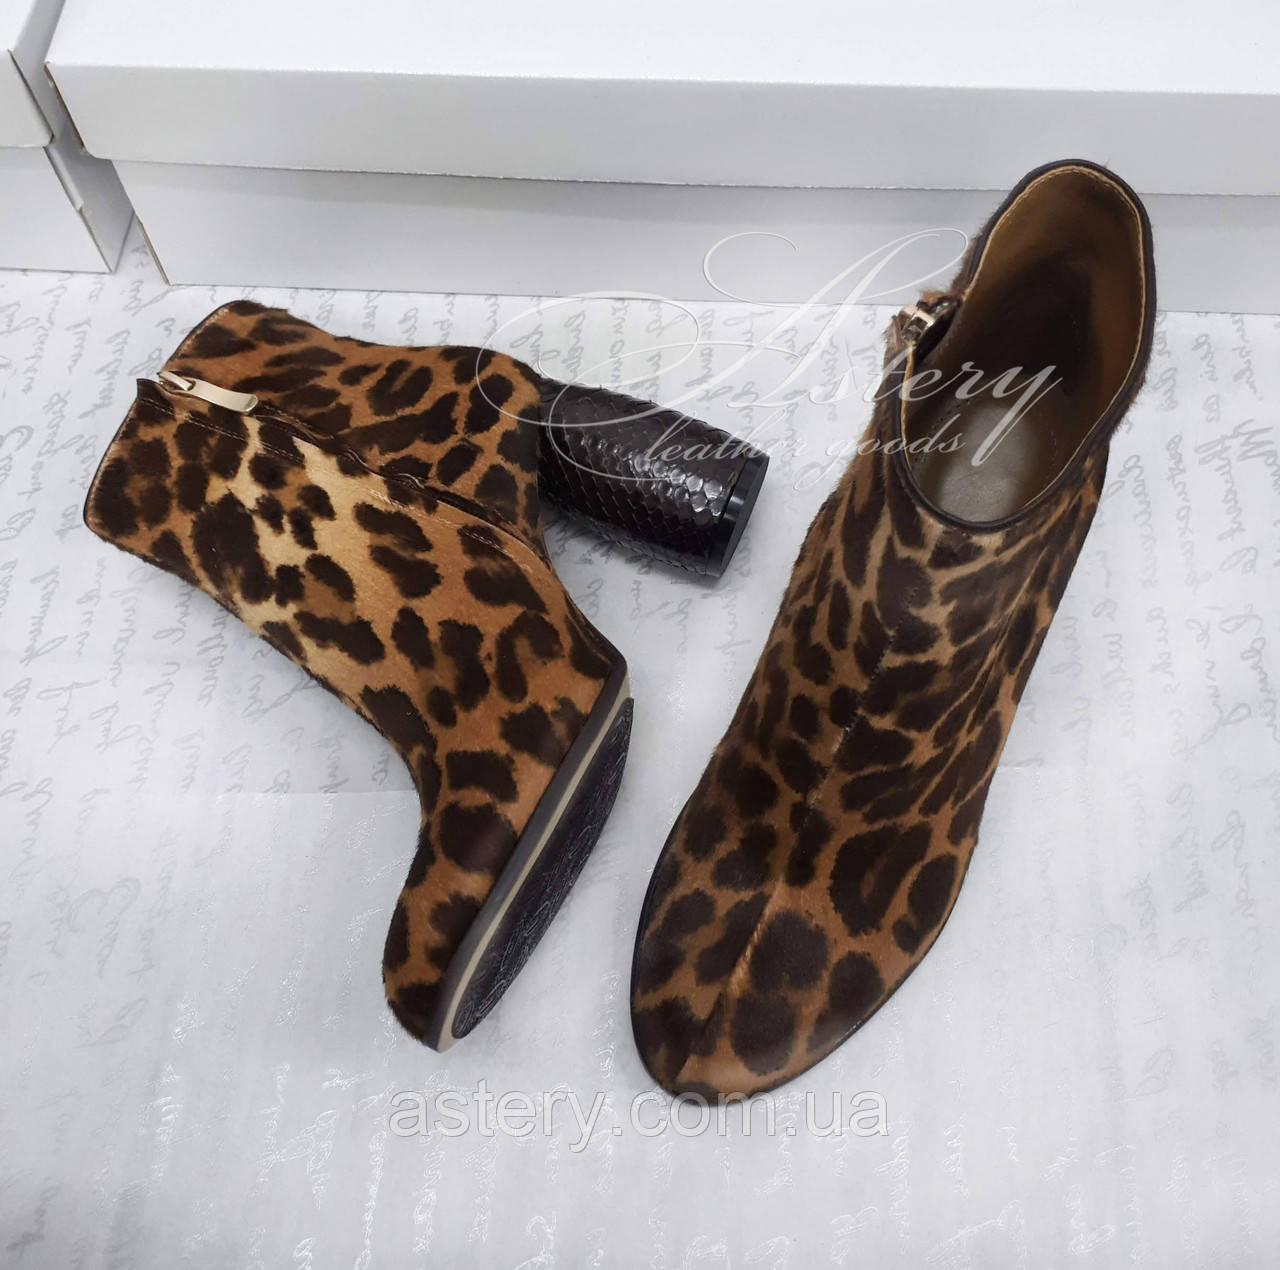 ada768f04 ... Женские ботинки с леопардовым принтом на круглом каблуке из стриженного  меха пони, фото 3